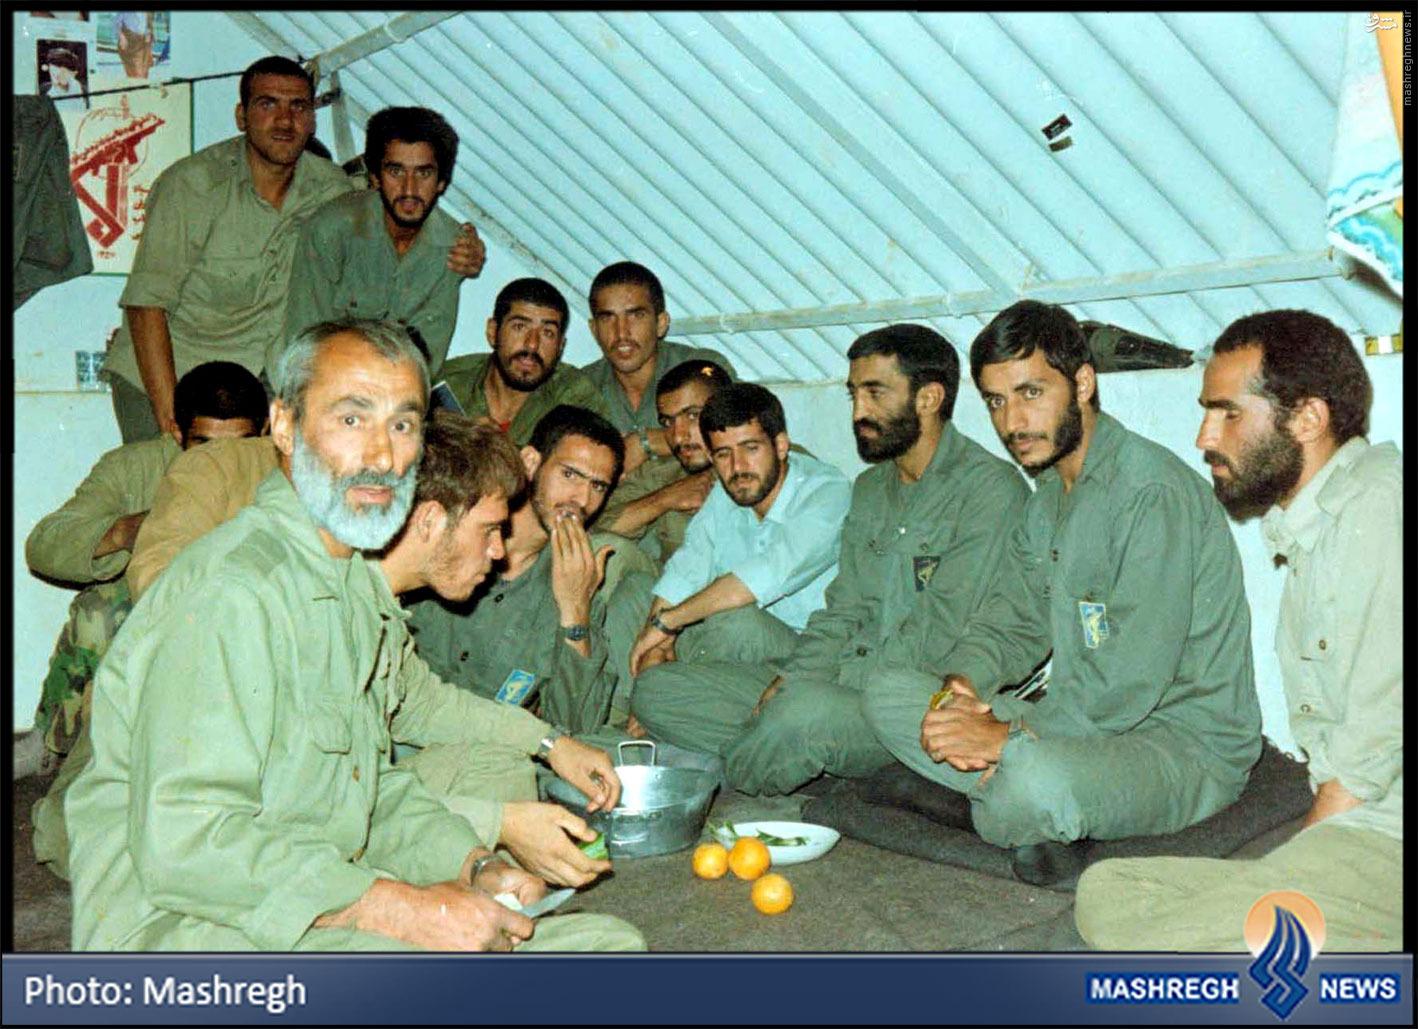 سرداری که می گفت: من «حاج احمدی» هستم+تصاویر